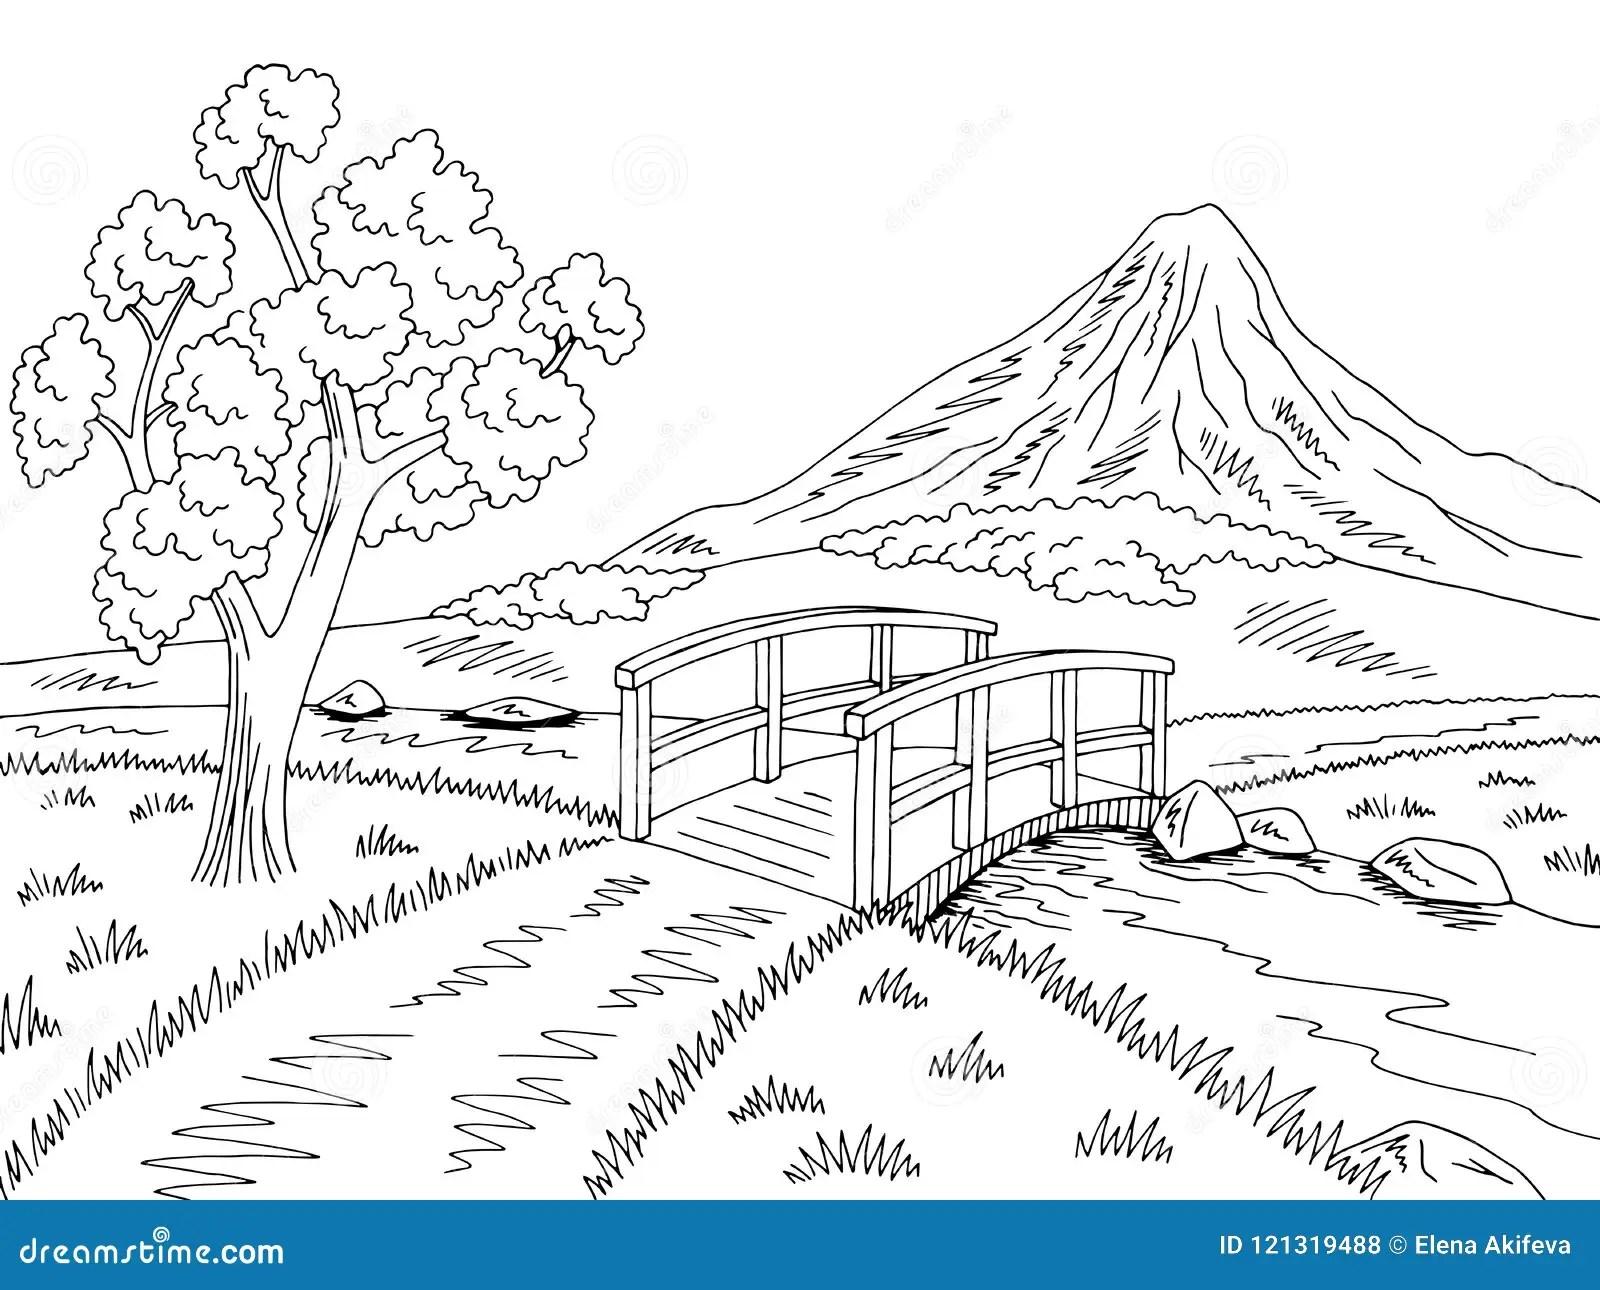 Mountain River Bridge Graphic Black White Landscape Sketch